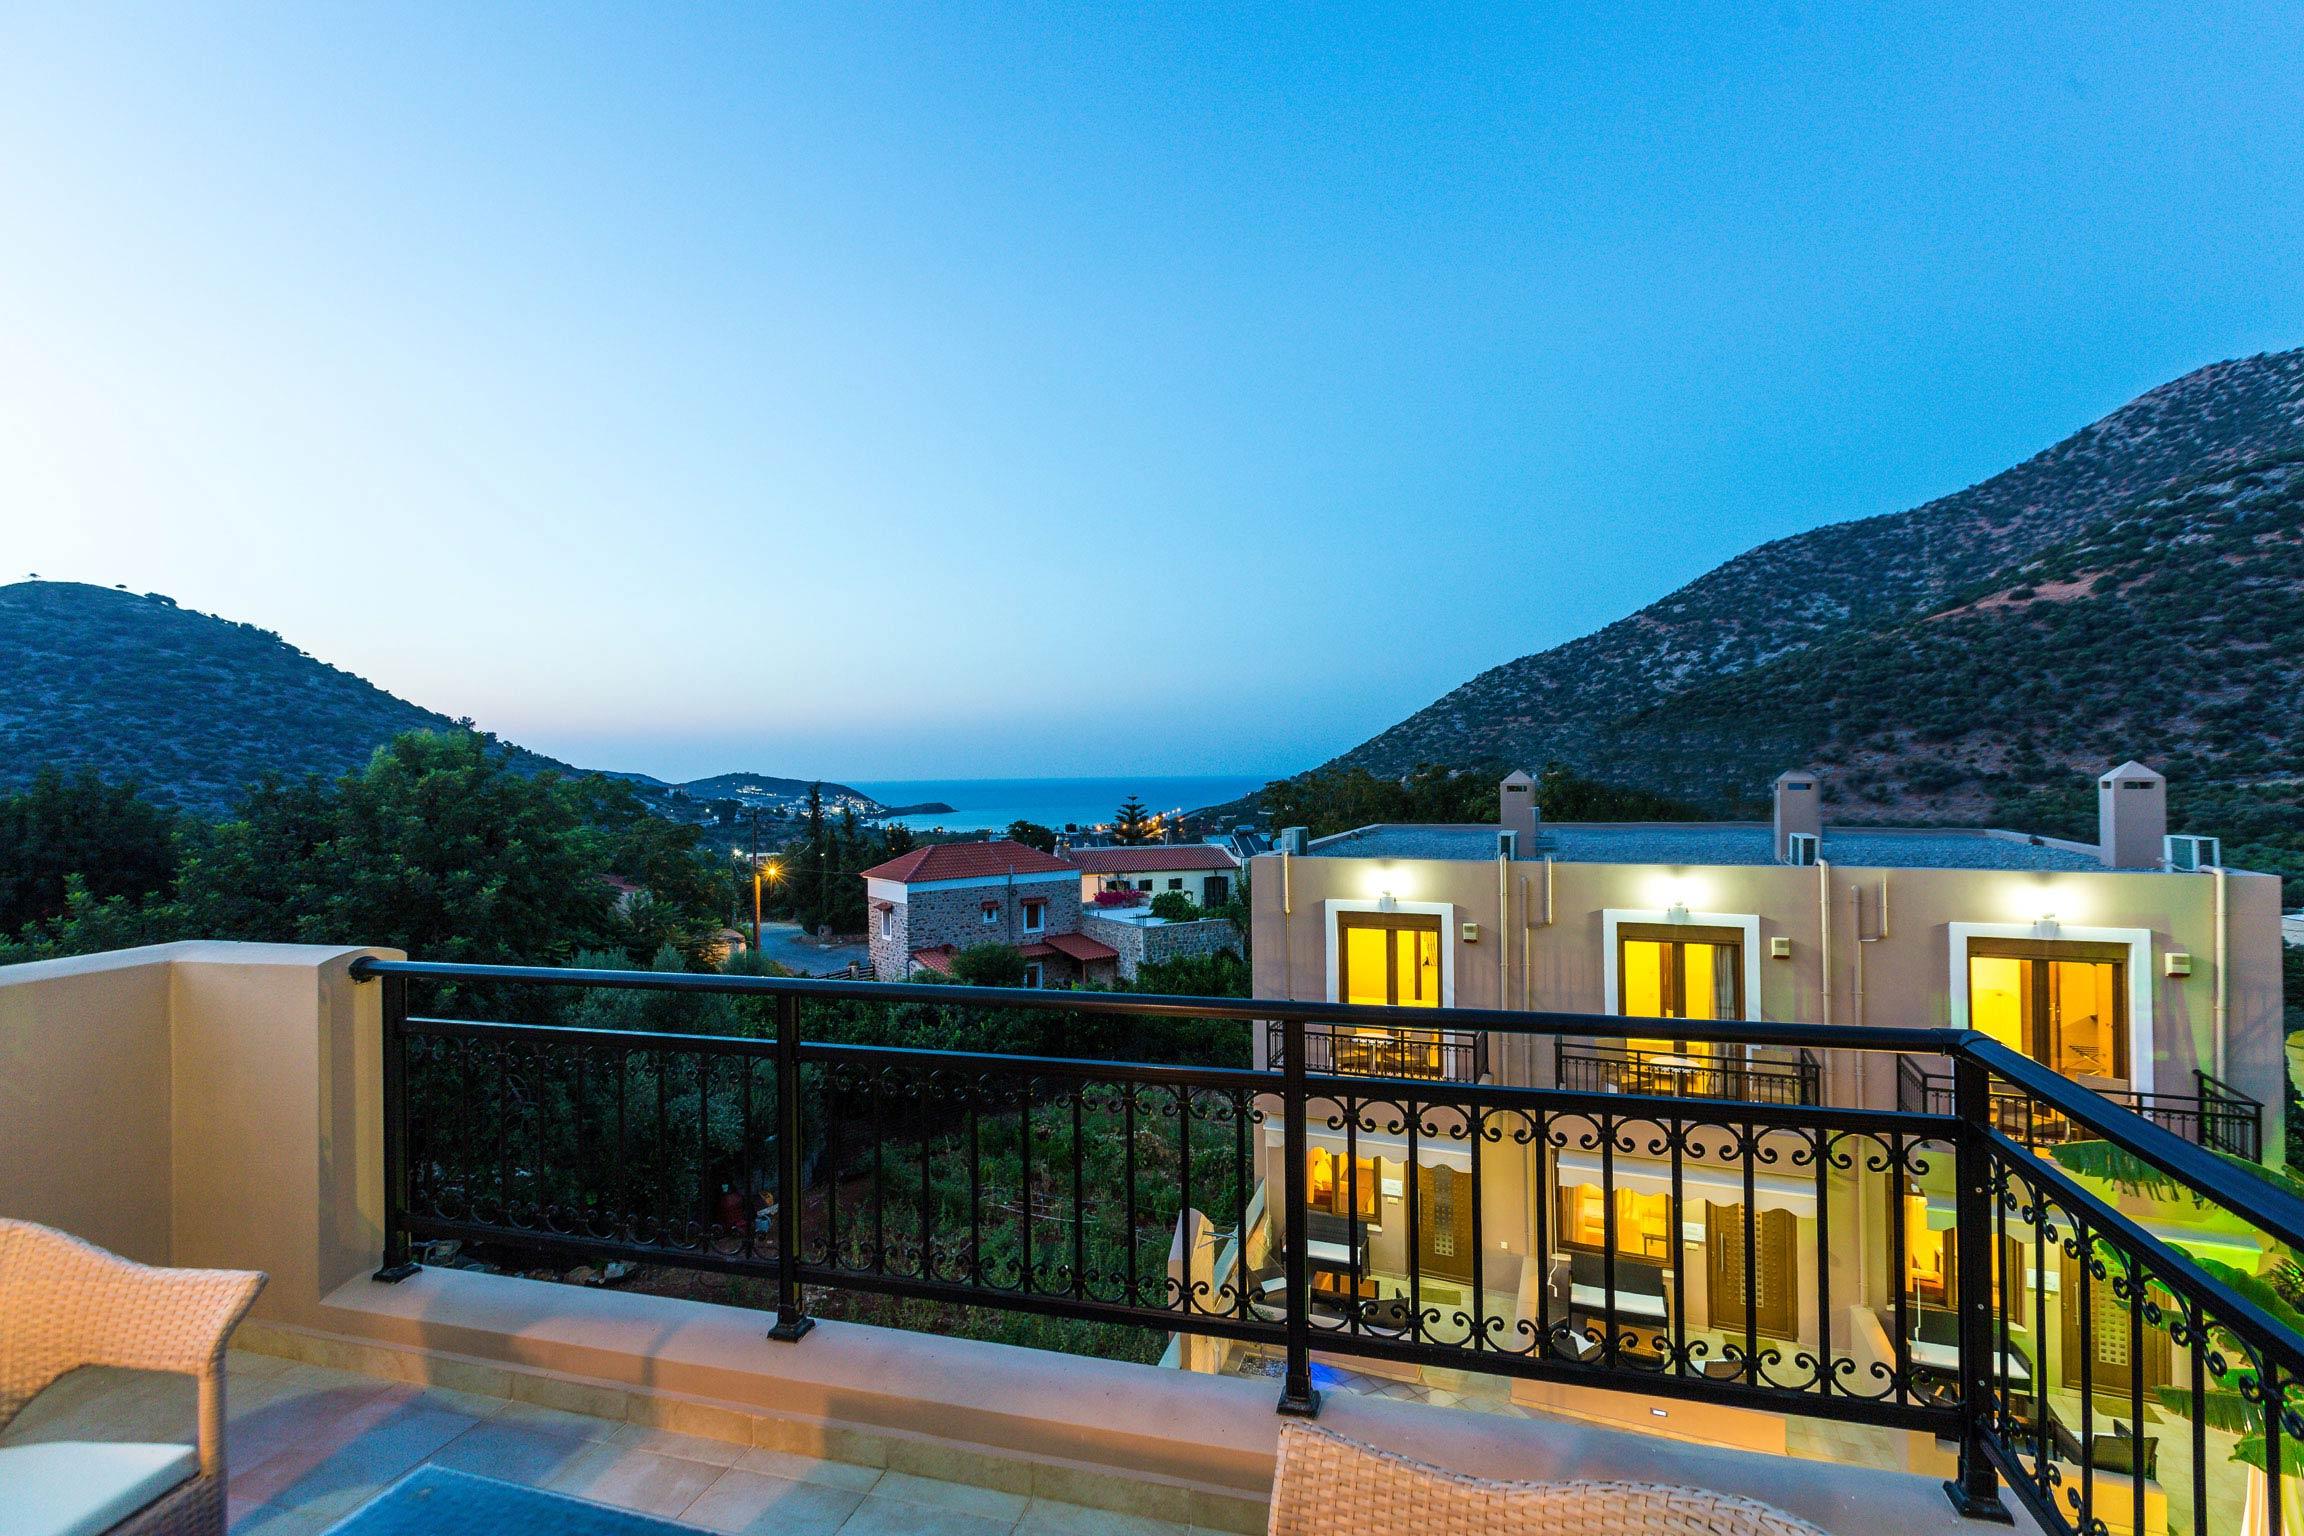 Ferienhaus Diese Villa auf zwei Ebenen ist der perfekte Ort, um in Rethymnon auf Kreta weh zu bleiben (2623387), Roumeli, Kreta Nordküste, Kreta, Griechenland, Bild 3